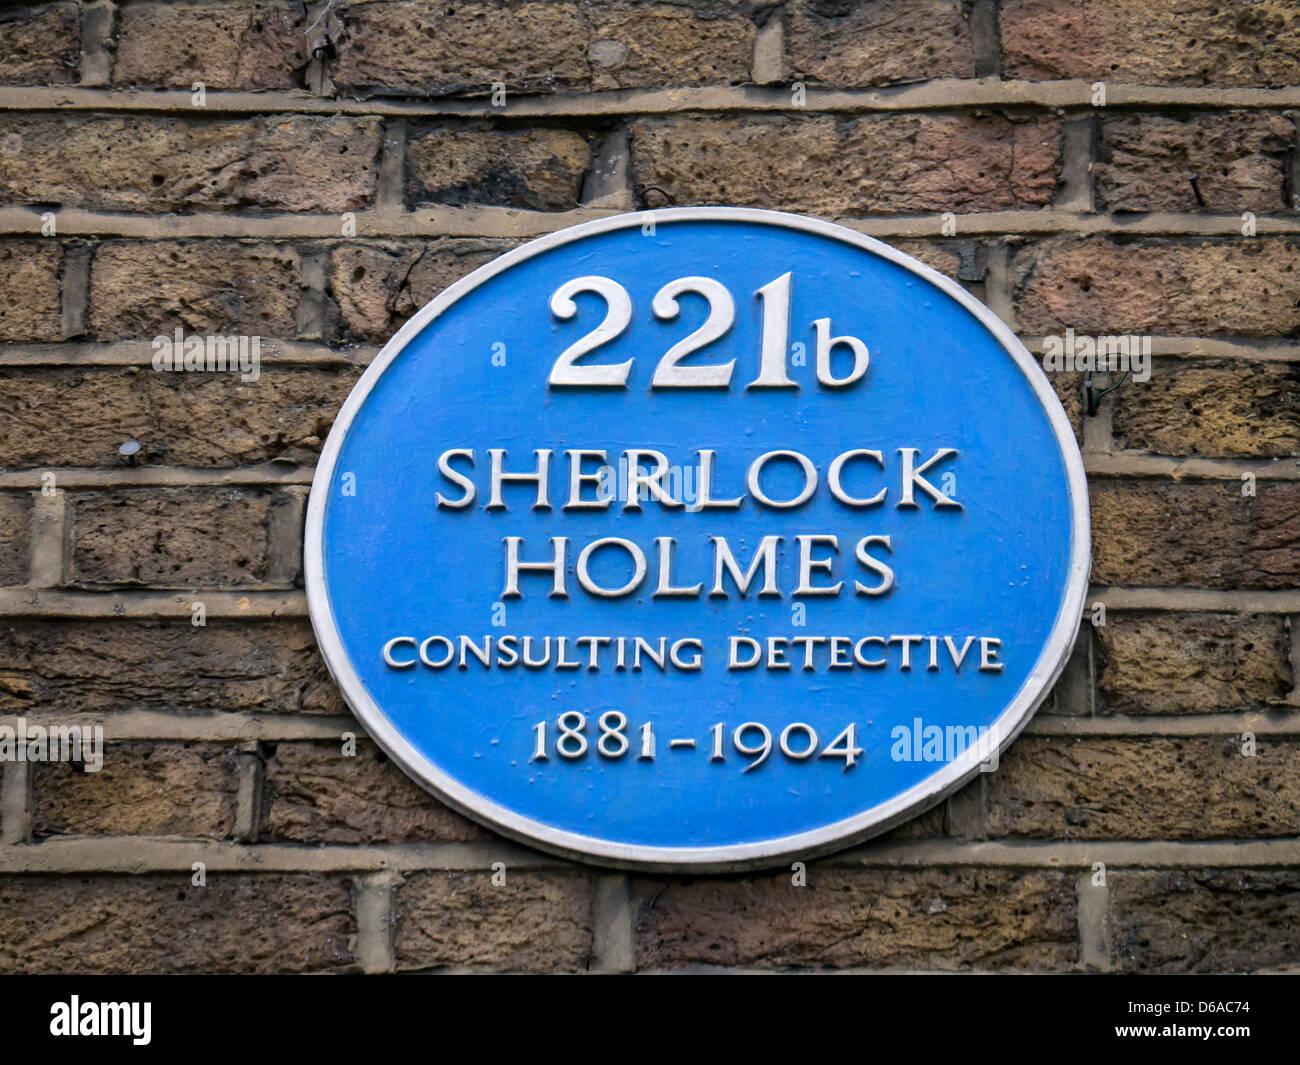 Carrelage Baker Street Blanc 221b baker st stock photos & 221b baker st stock images - alamy